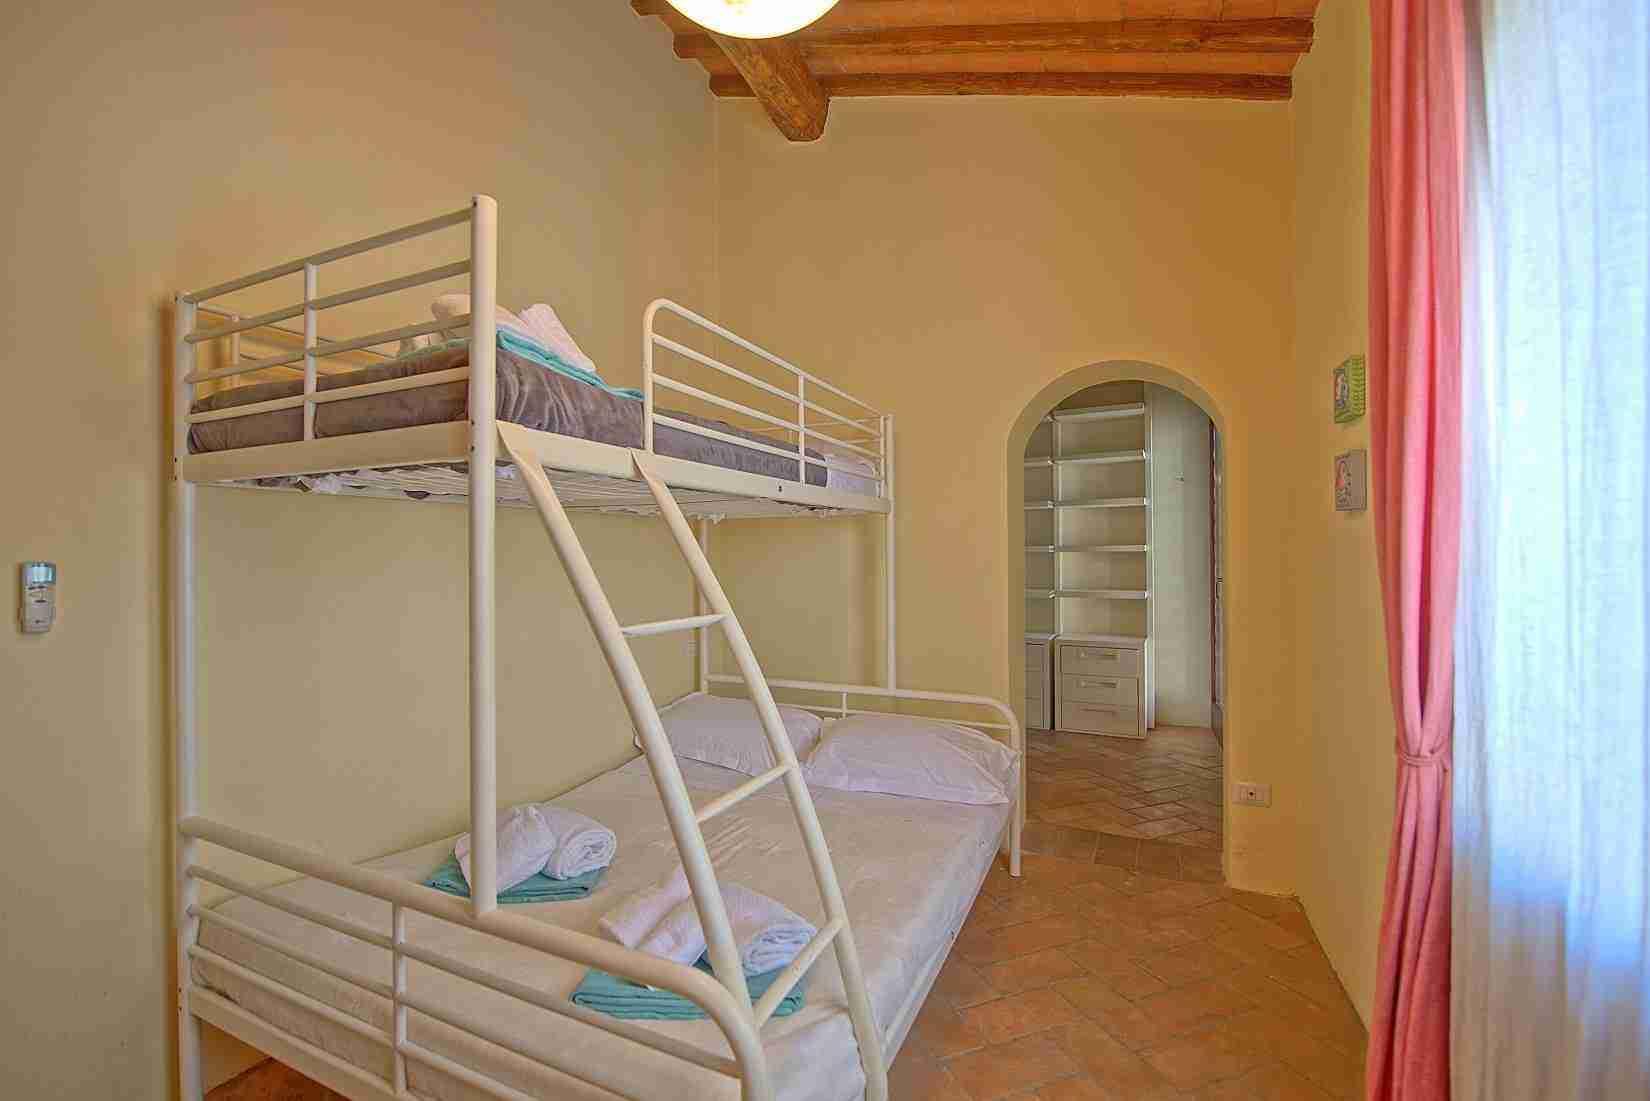 19 Ranieri bunk bed